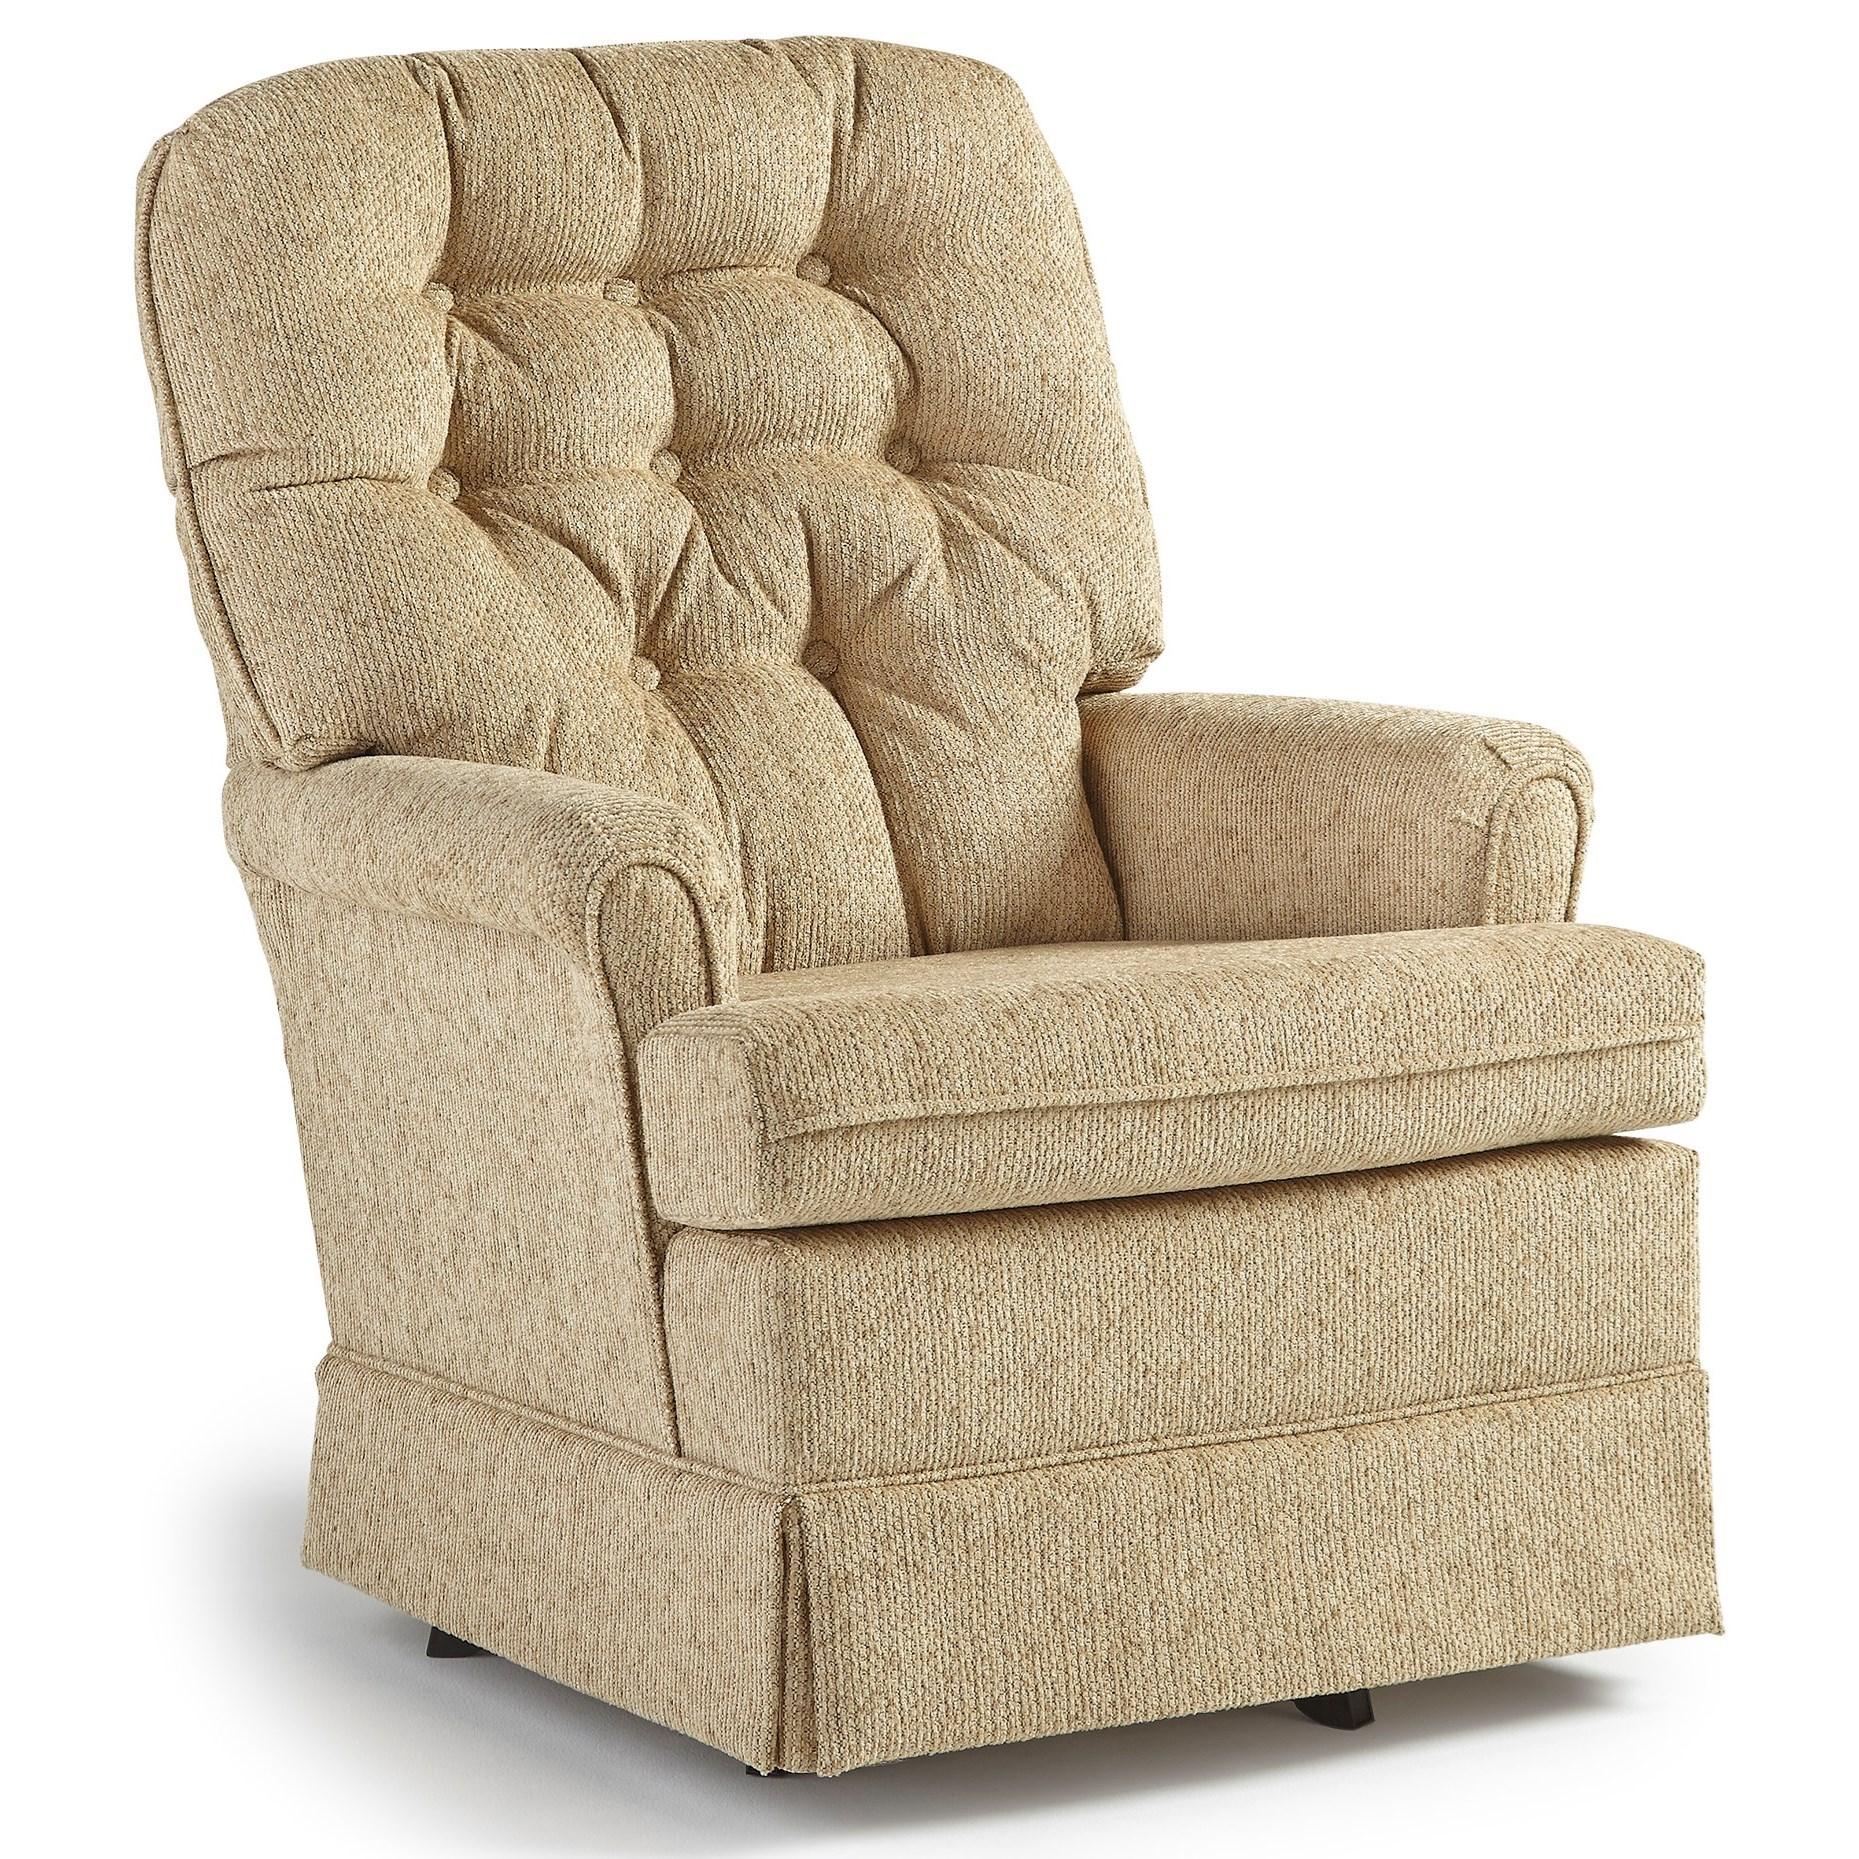 Best Home Furnishings Chairs  Swivel Glide Joplin Swivel